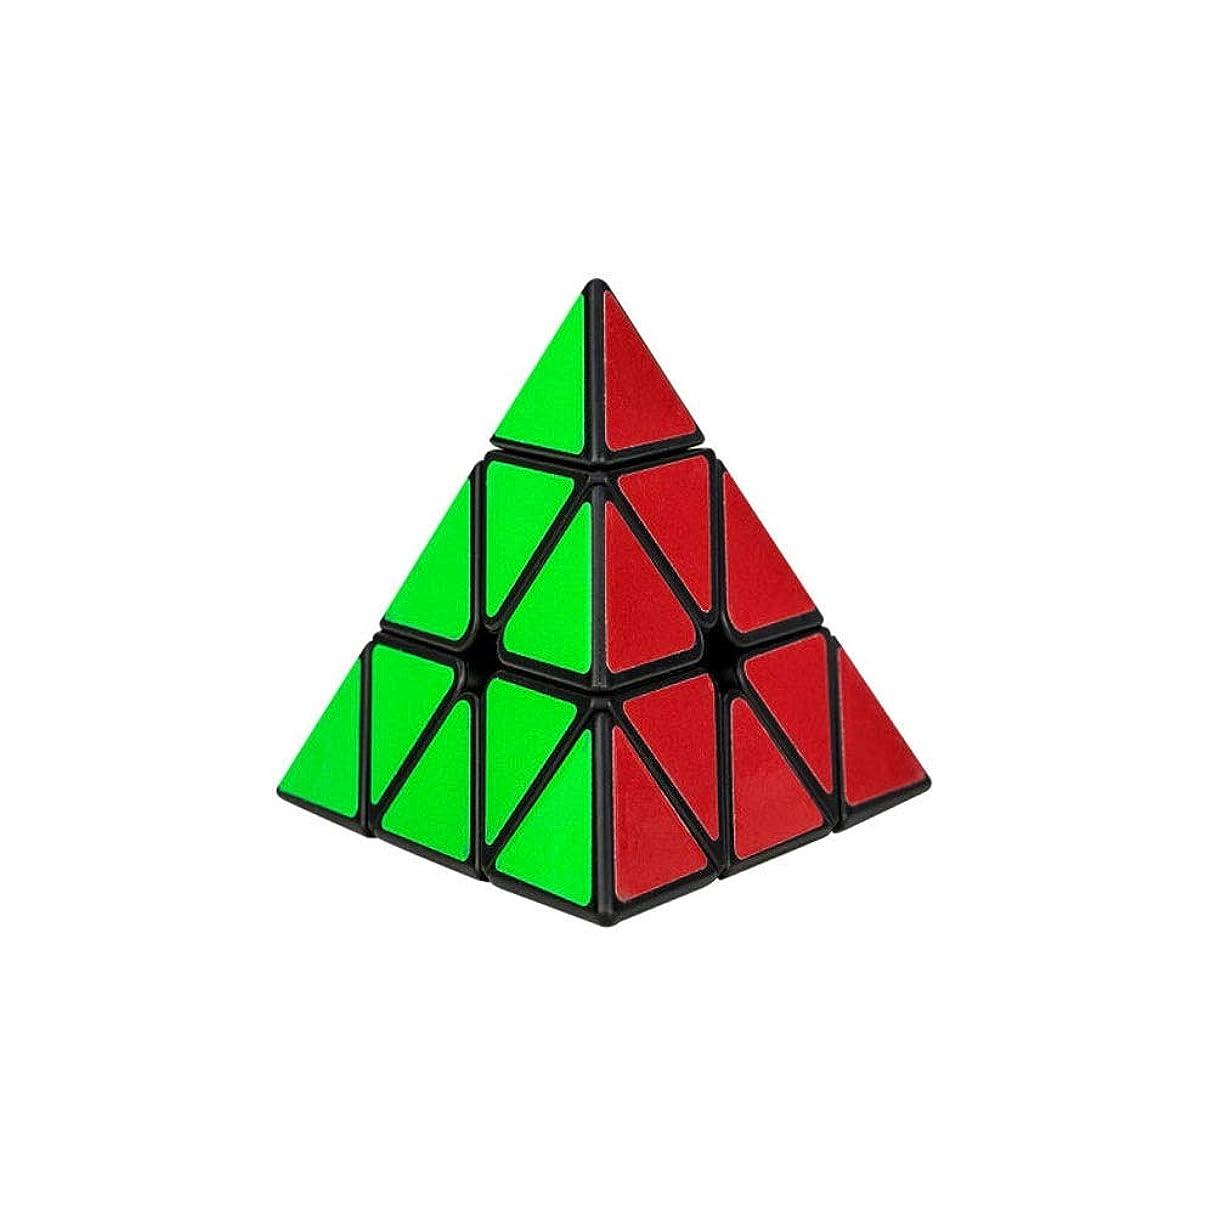 解決かどうか第三Qiyuezhuangshi ルービックキューブ、滑らかで快適なルービックキューブ、クリエイティブトライアングルデザイン、高品質デザインスタイル(トライアングル) ファッション (Edition : Triangle)